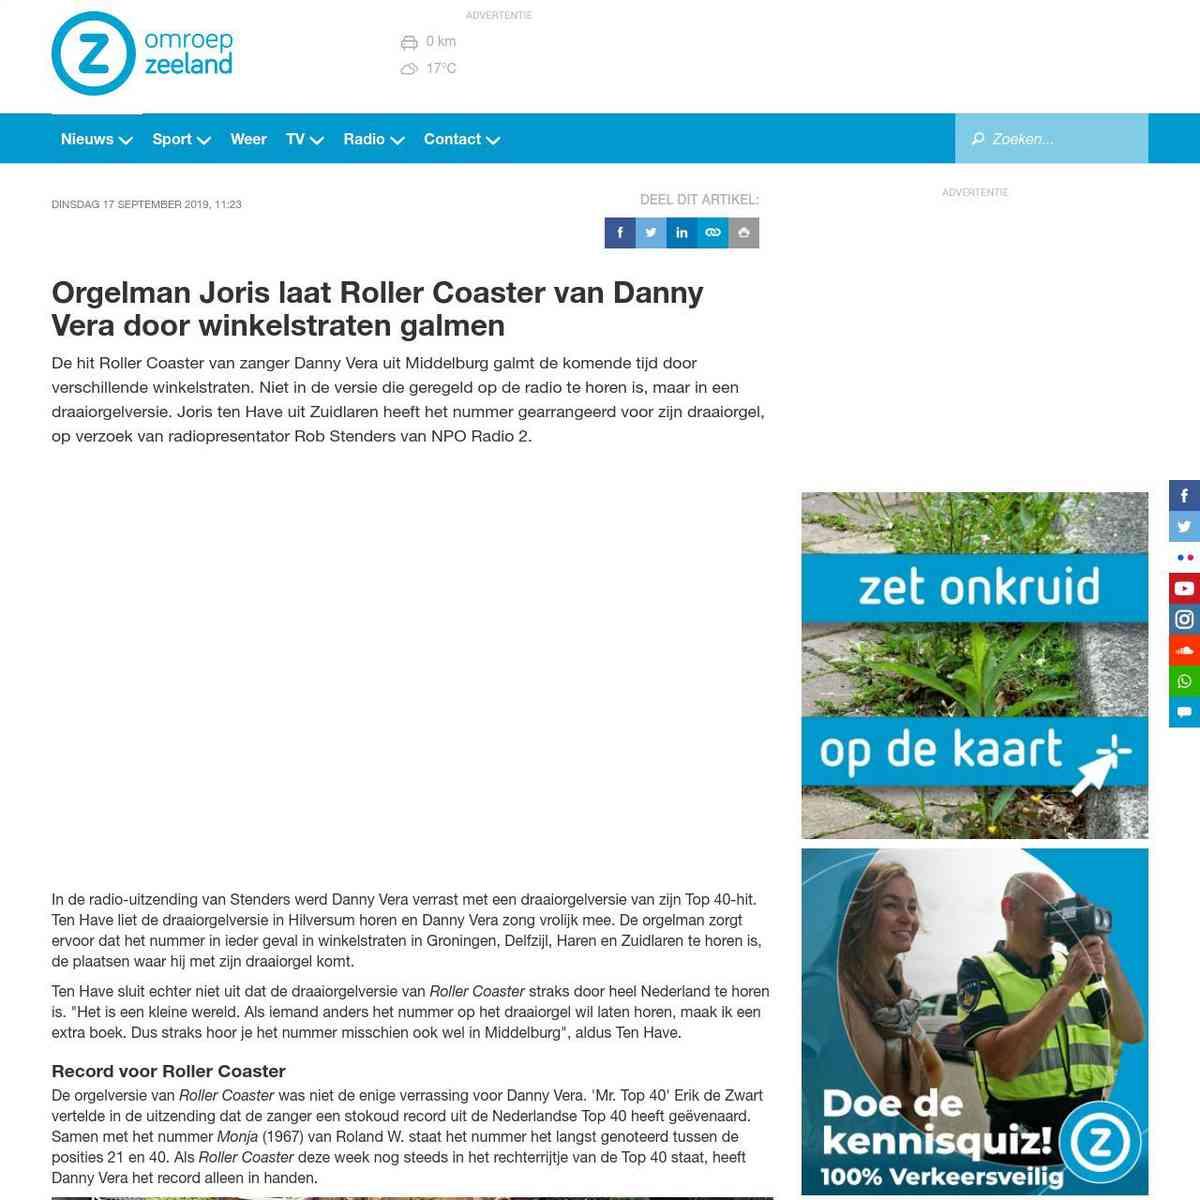 omroepzeeland.nl/nieuws/115296/Orgelman-Joris-laat-Roller-Coaster-van-Danny-Vera-door-winkelstraten…